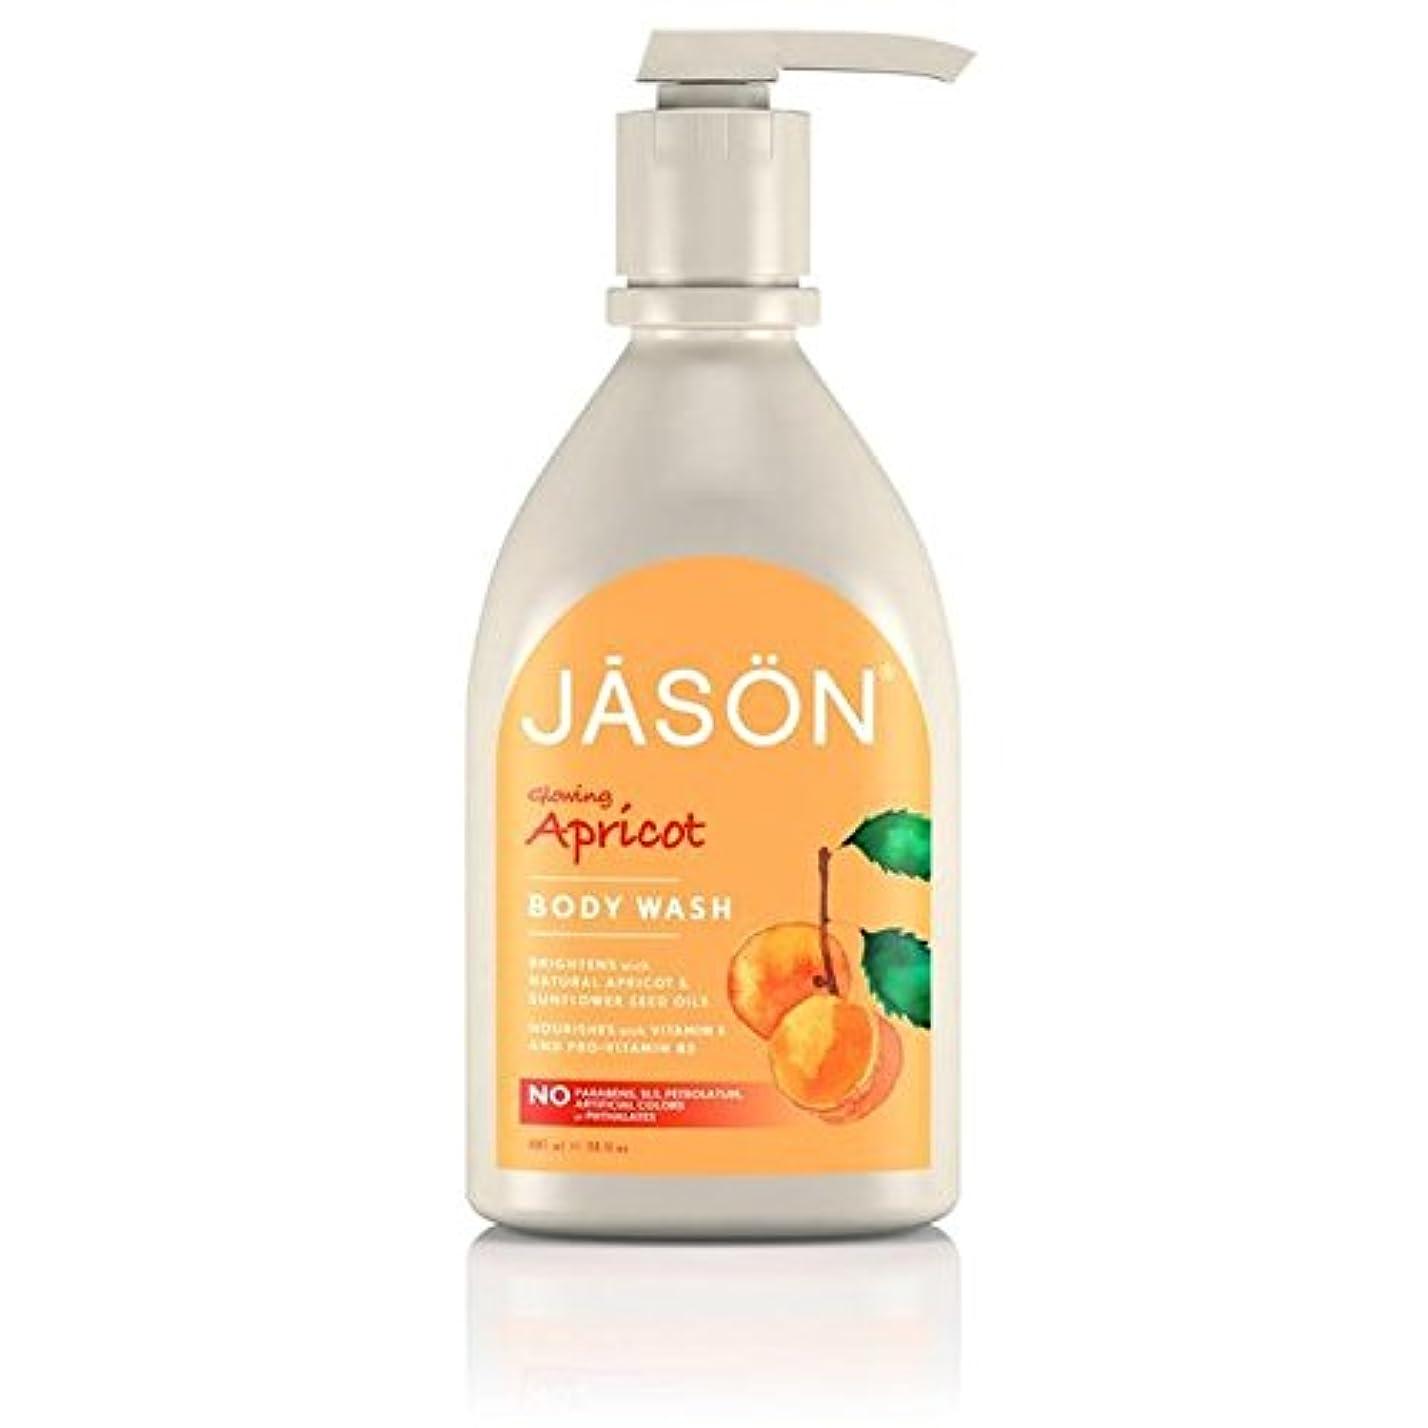 床を掃除する保険をかける近代化するJason Apricot Satin Body Wash Pump 900ml - ジェイソン?アプリコットサテンボディウォッシュポンプ900ミリリットル [並行輸入品]